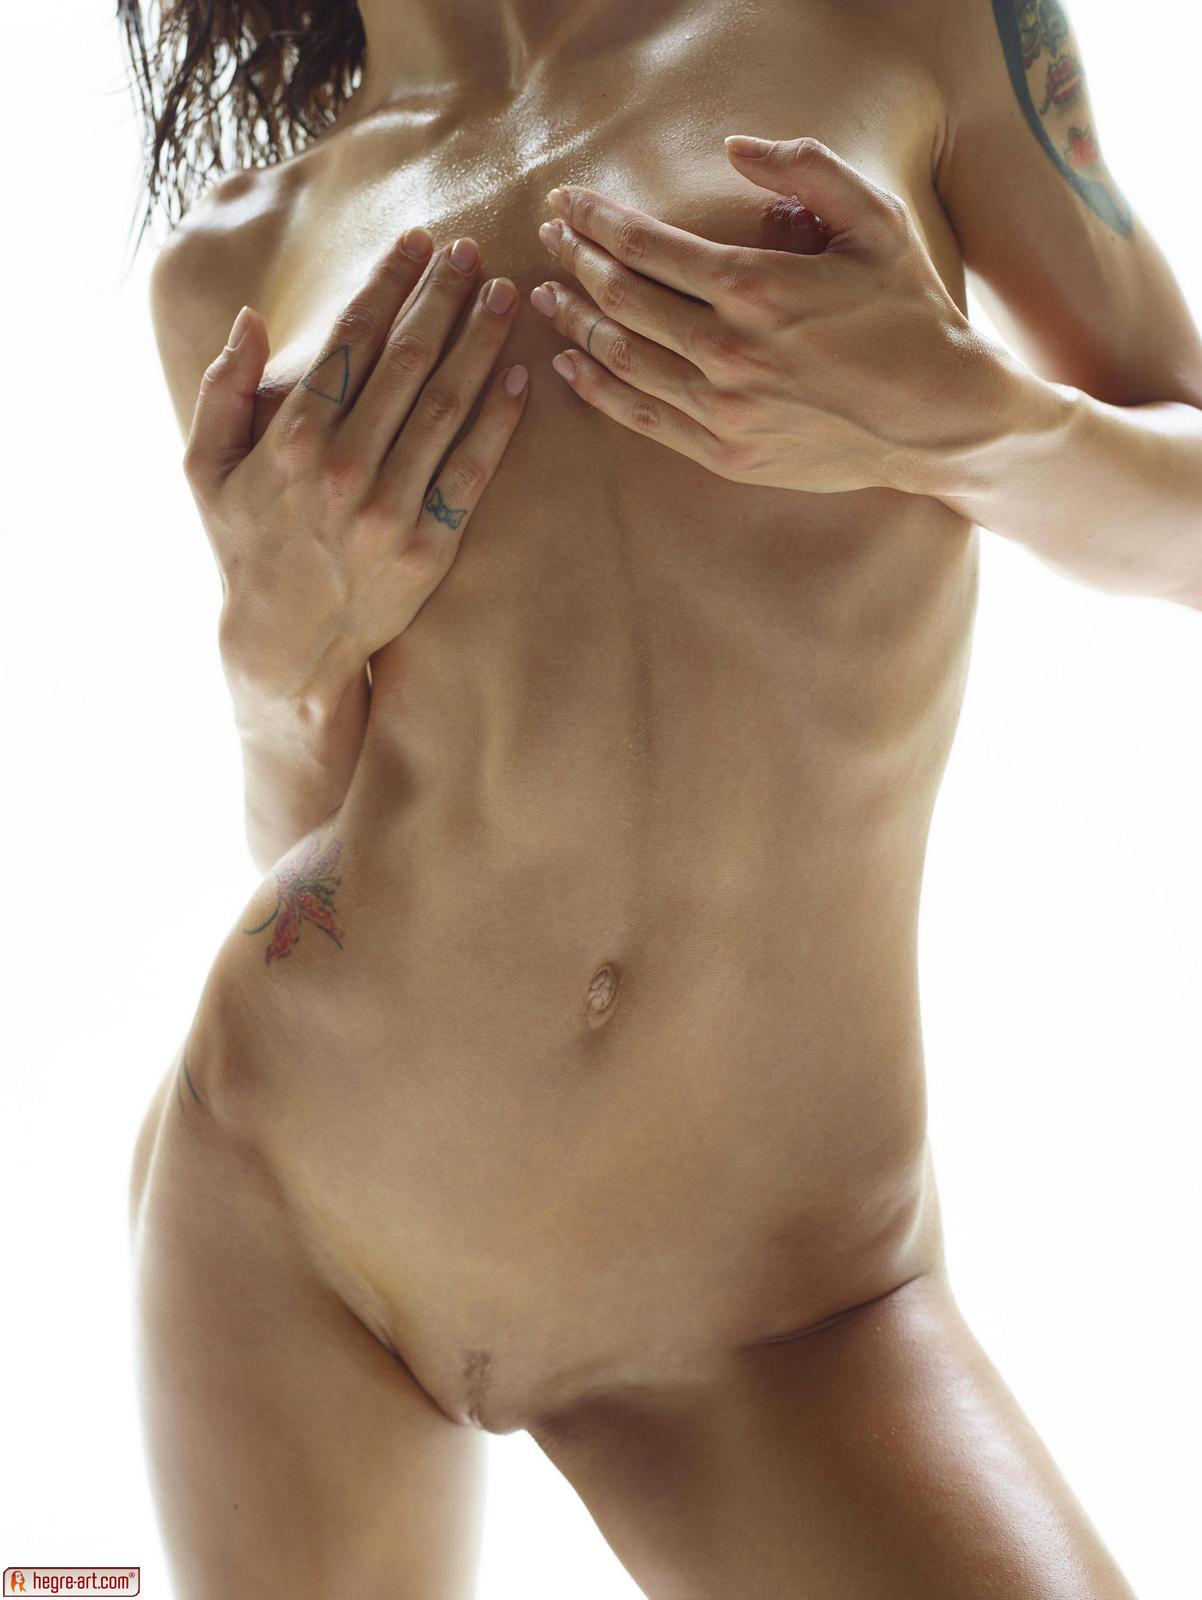 Zdjęcie porno - 0312 - Nawilżona łania